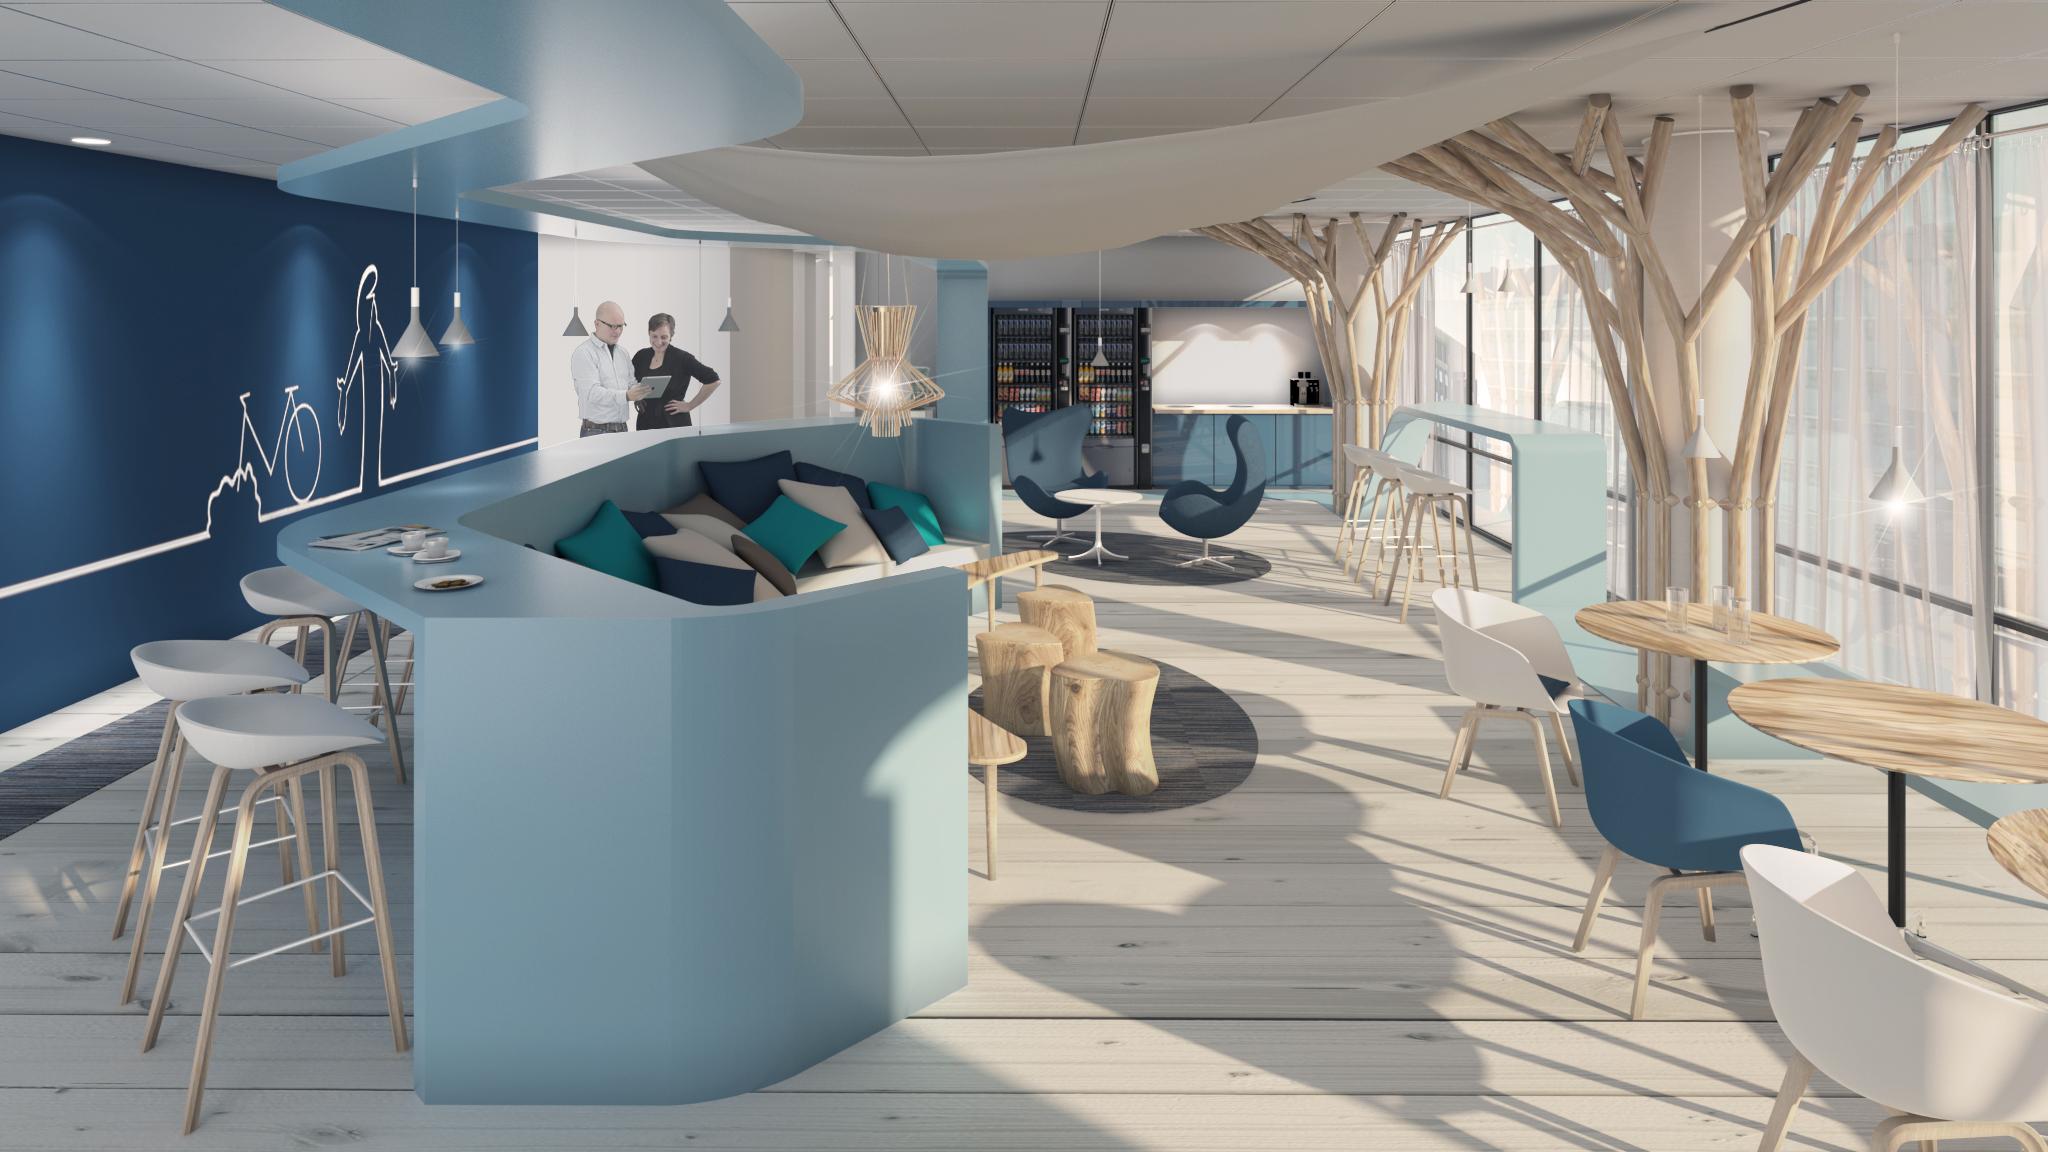 AXA - concept cafeteria 2